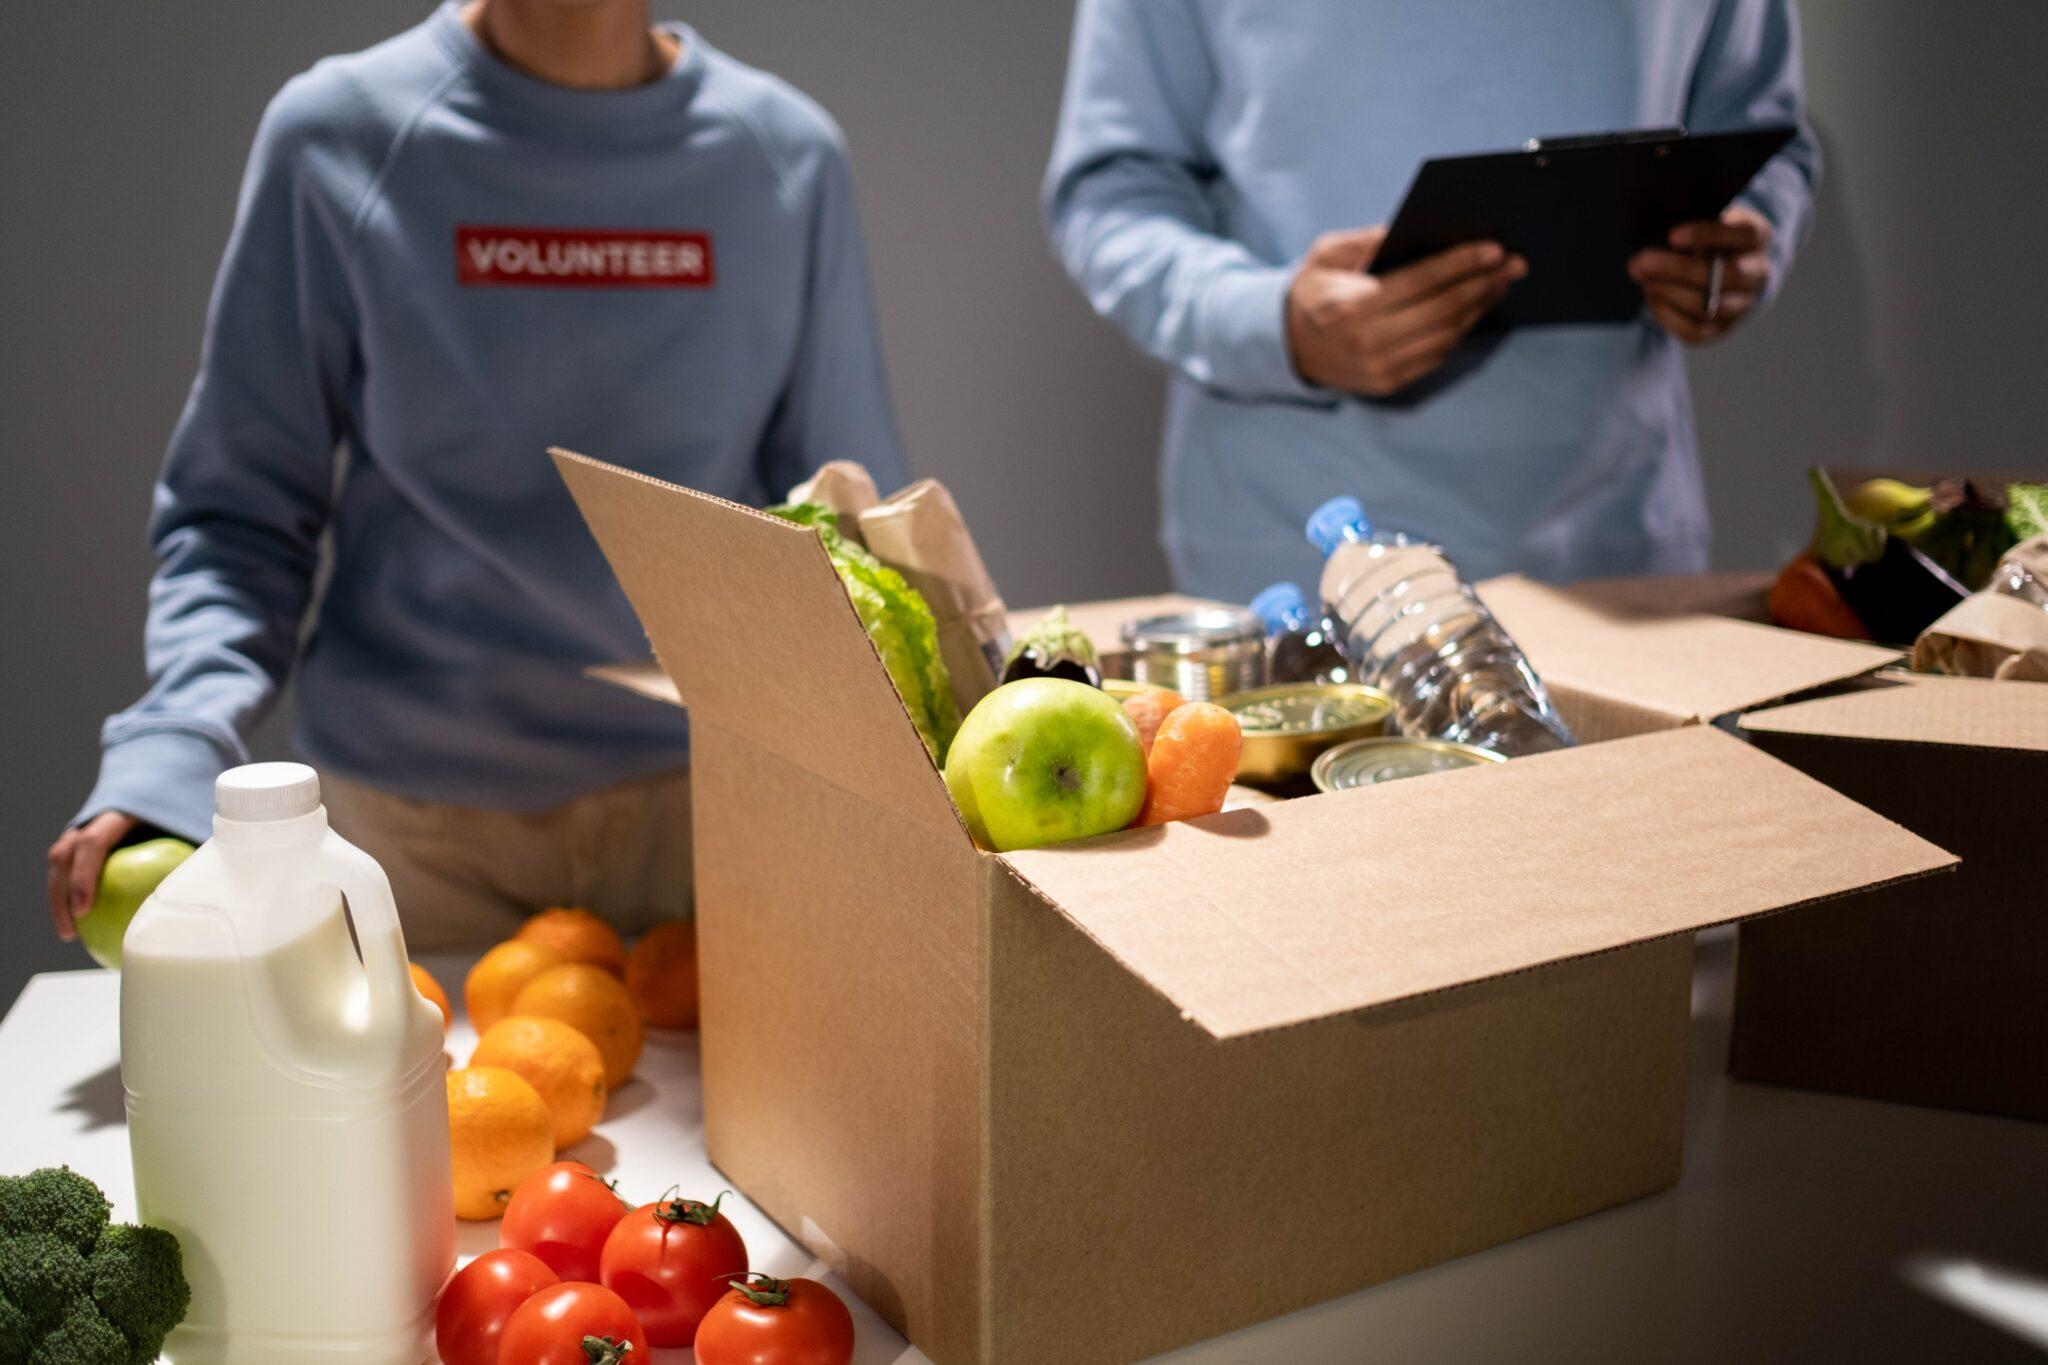 volunteers packing a food box